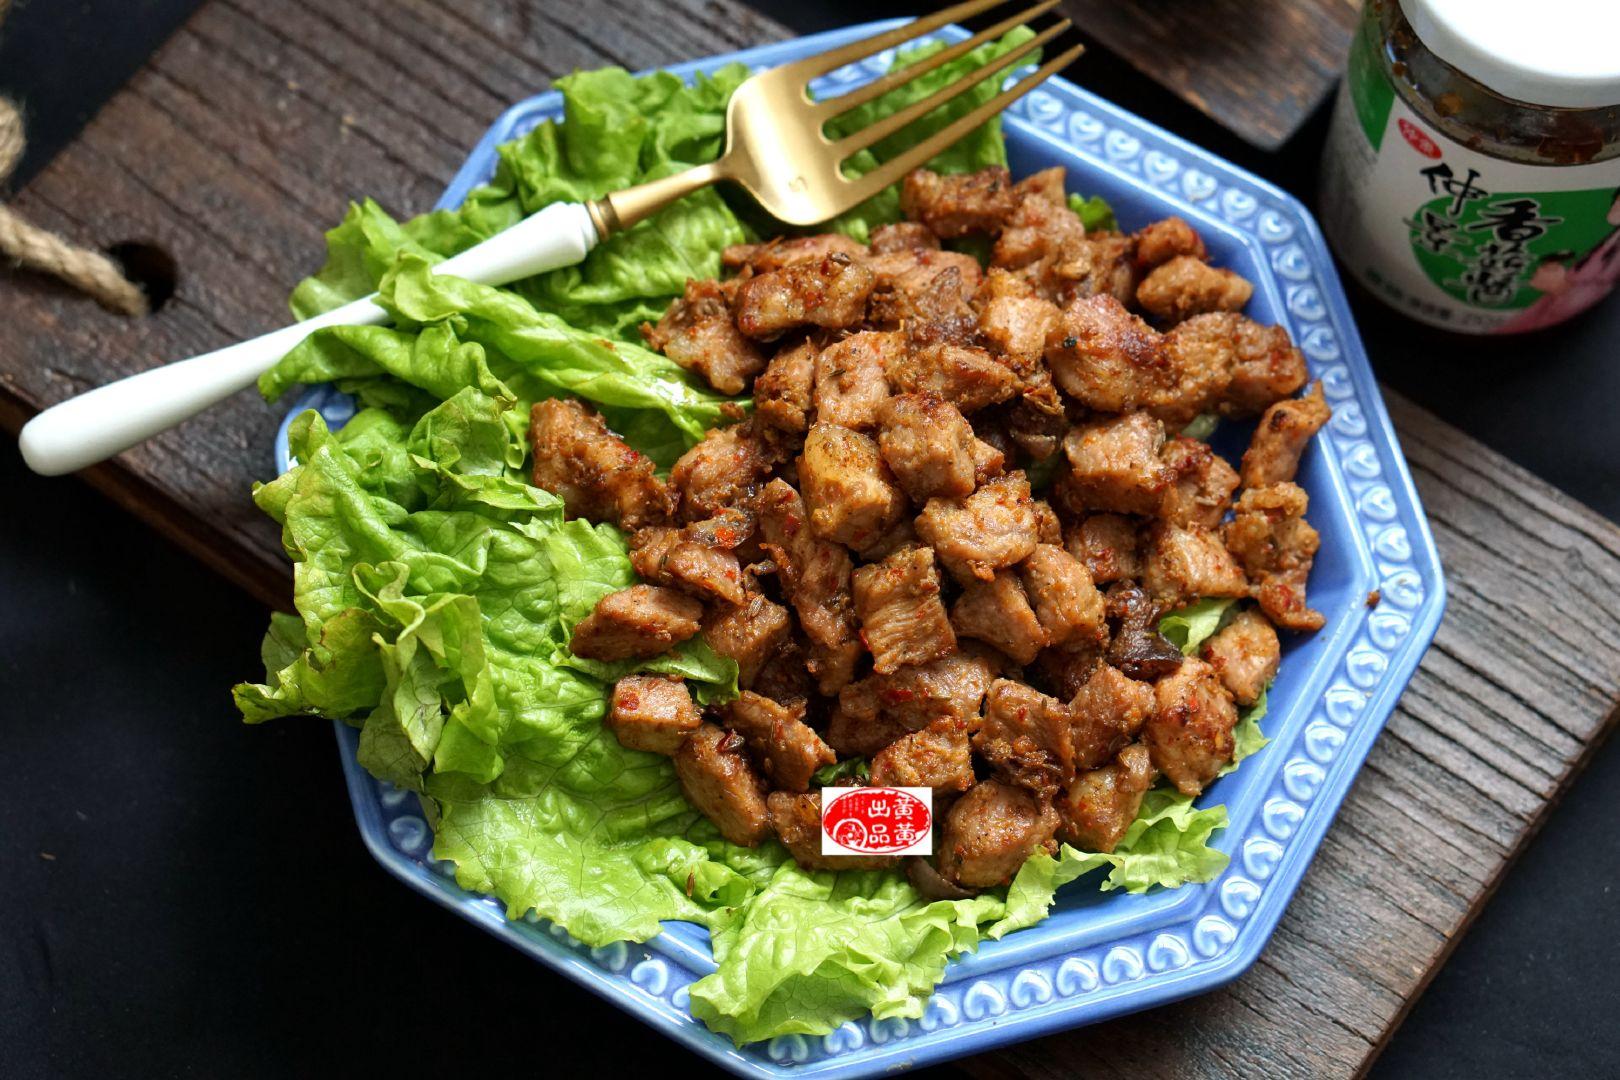 干煸猪肉粒,肉香酱香相得益彰,飘雪季多吃肉肉,才能有抵抗寒冷的力量